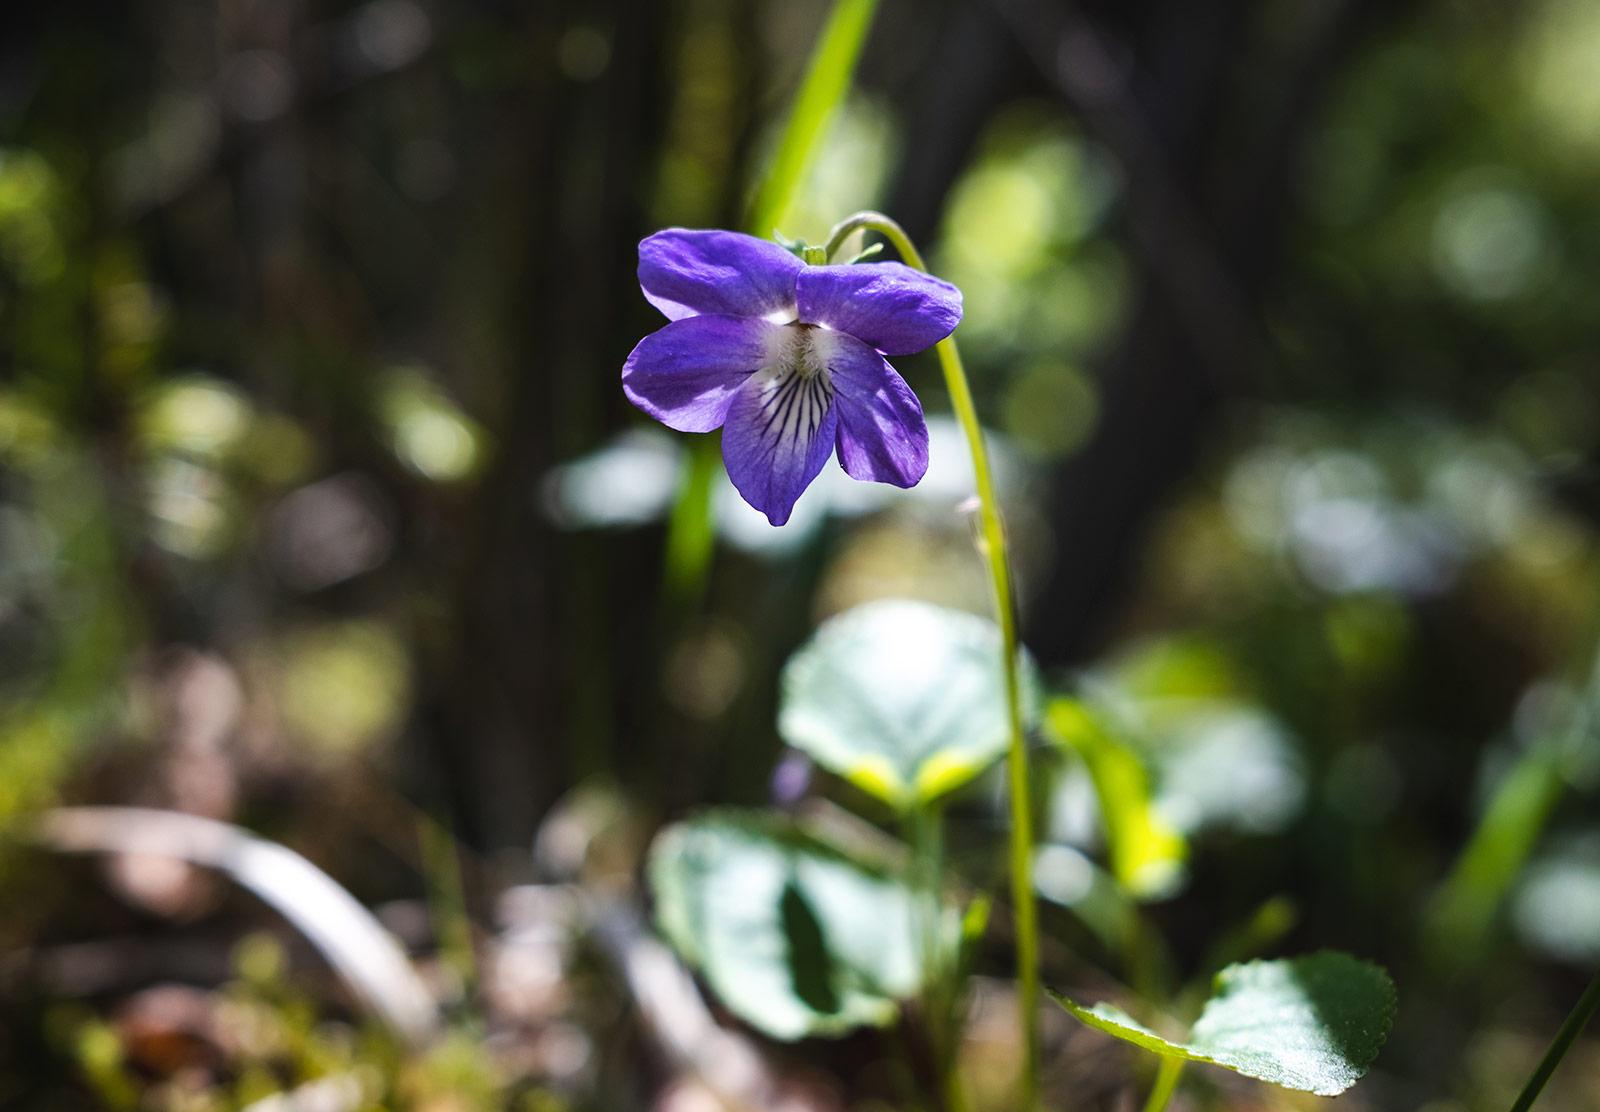 Purple flower in the sun